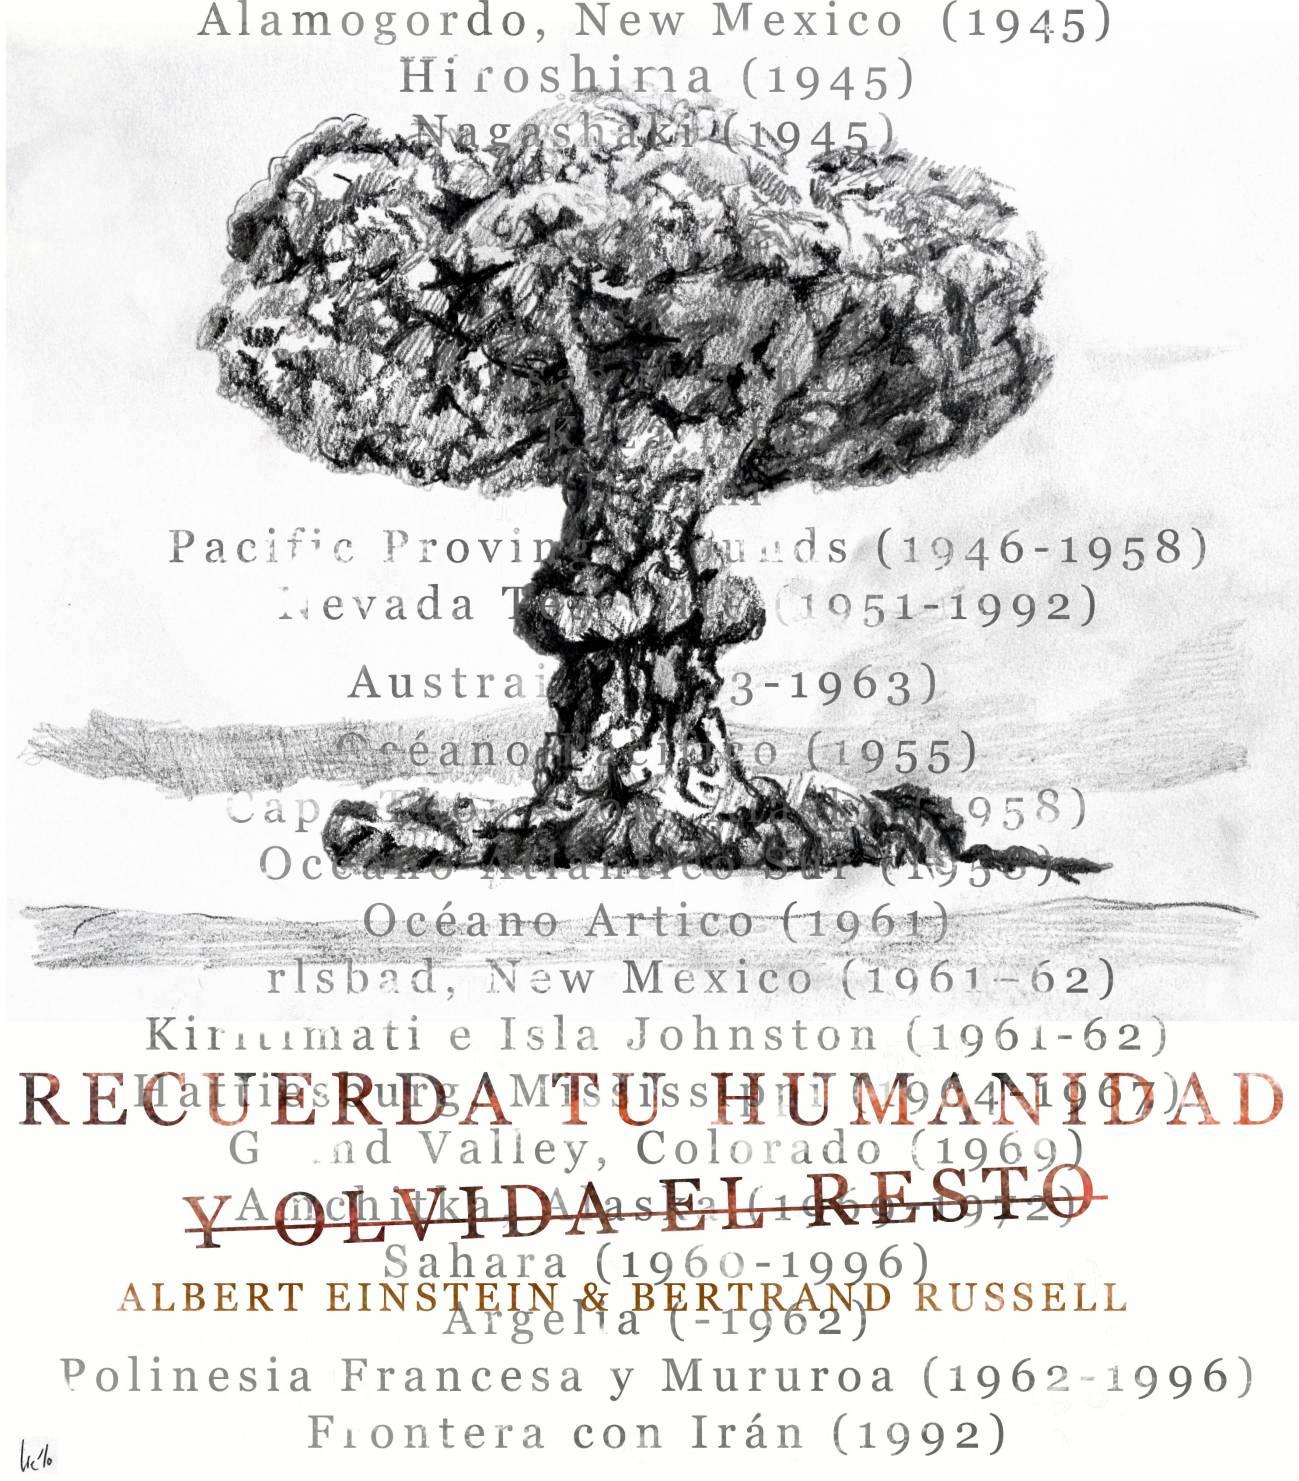 El 9 de julio de 1955 el manifiesto Russell-Einstein pide el desarme nuclear